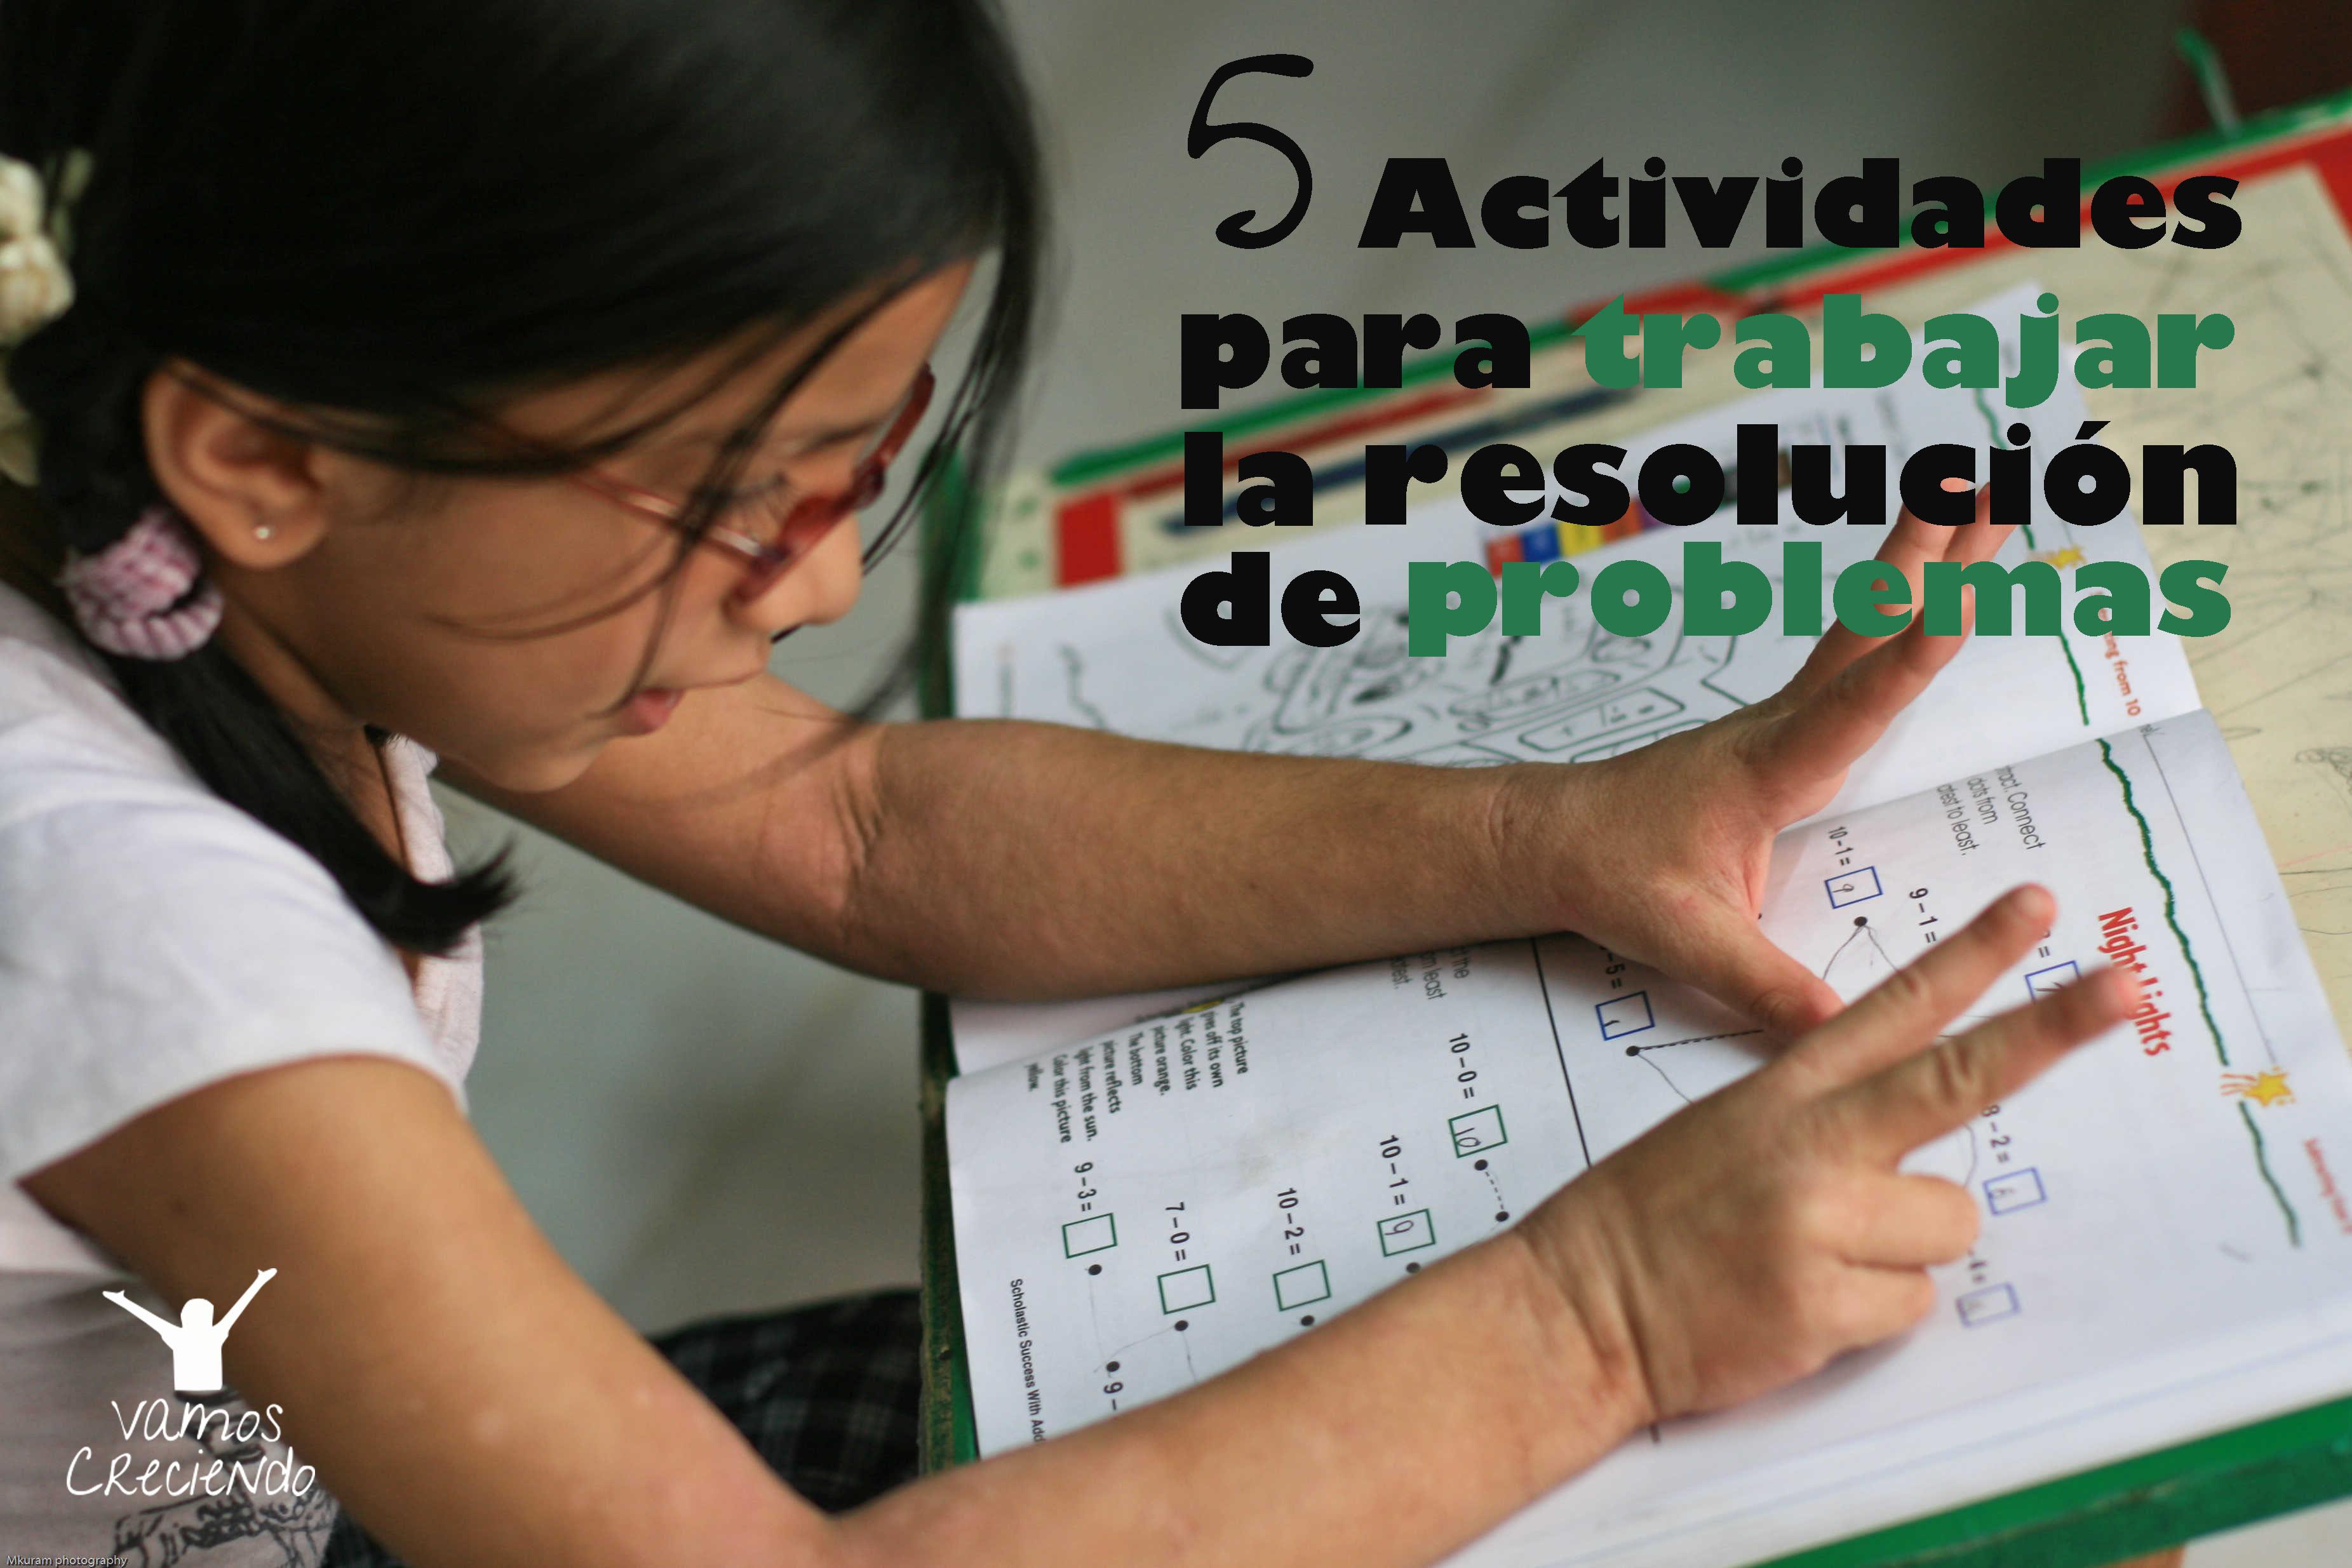 5 Actividades Para Trabajar La Resolucion De Problemas Y El Calculo Vamos Creciendovamos Creciendo